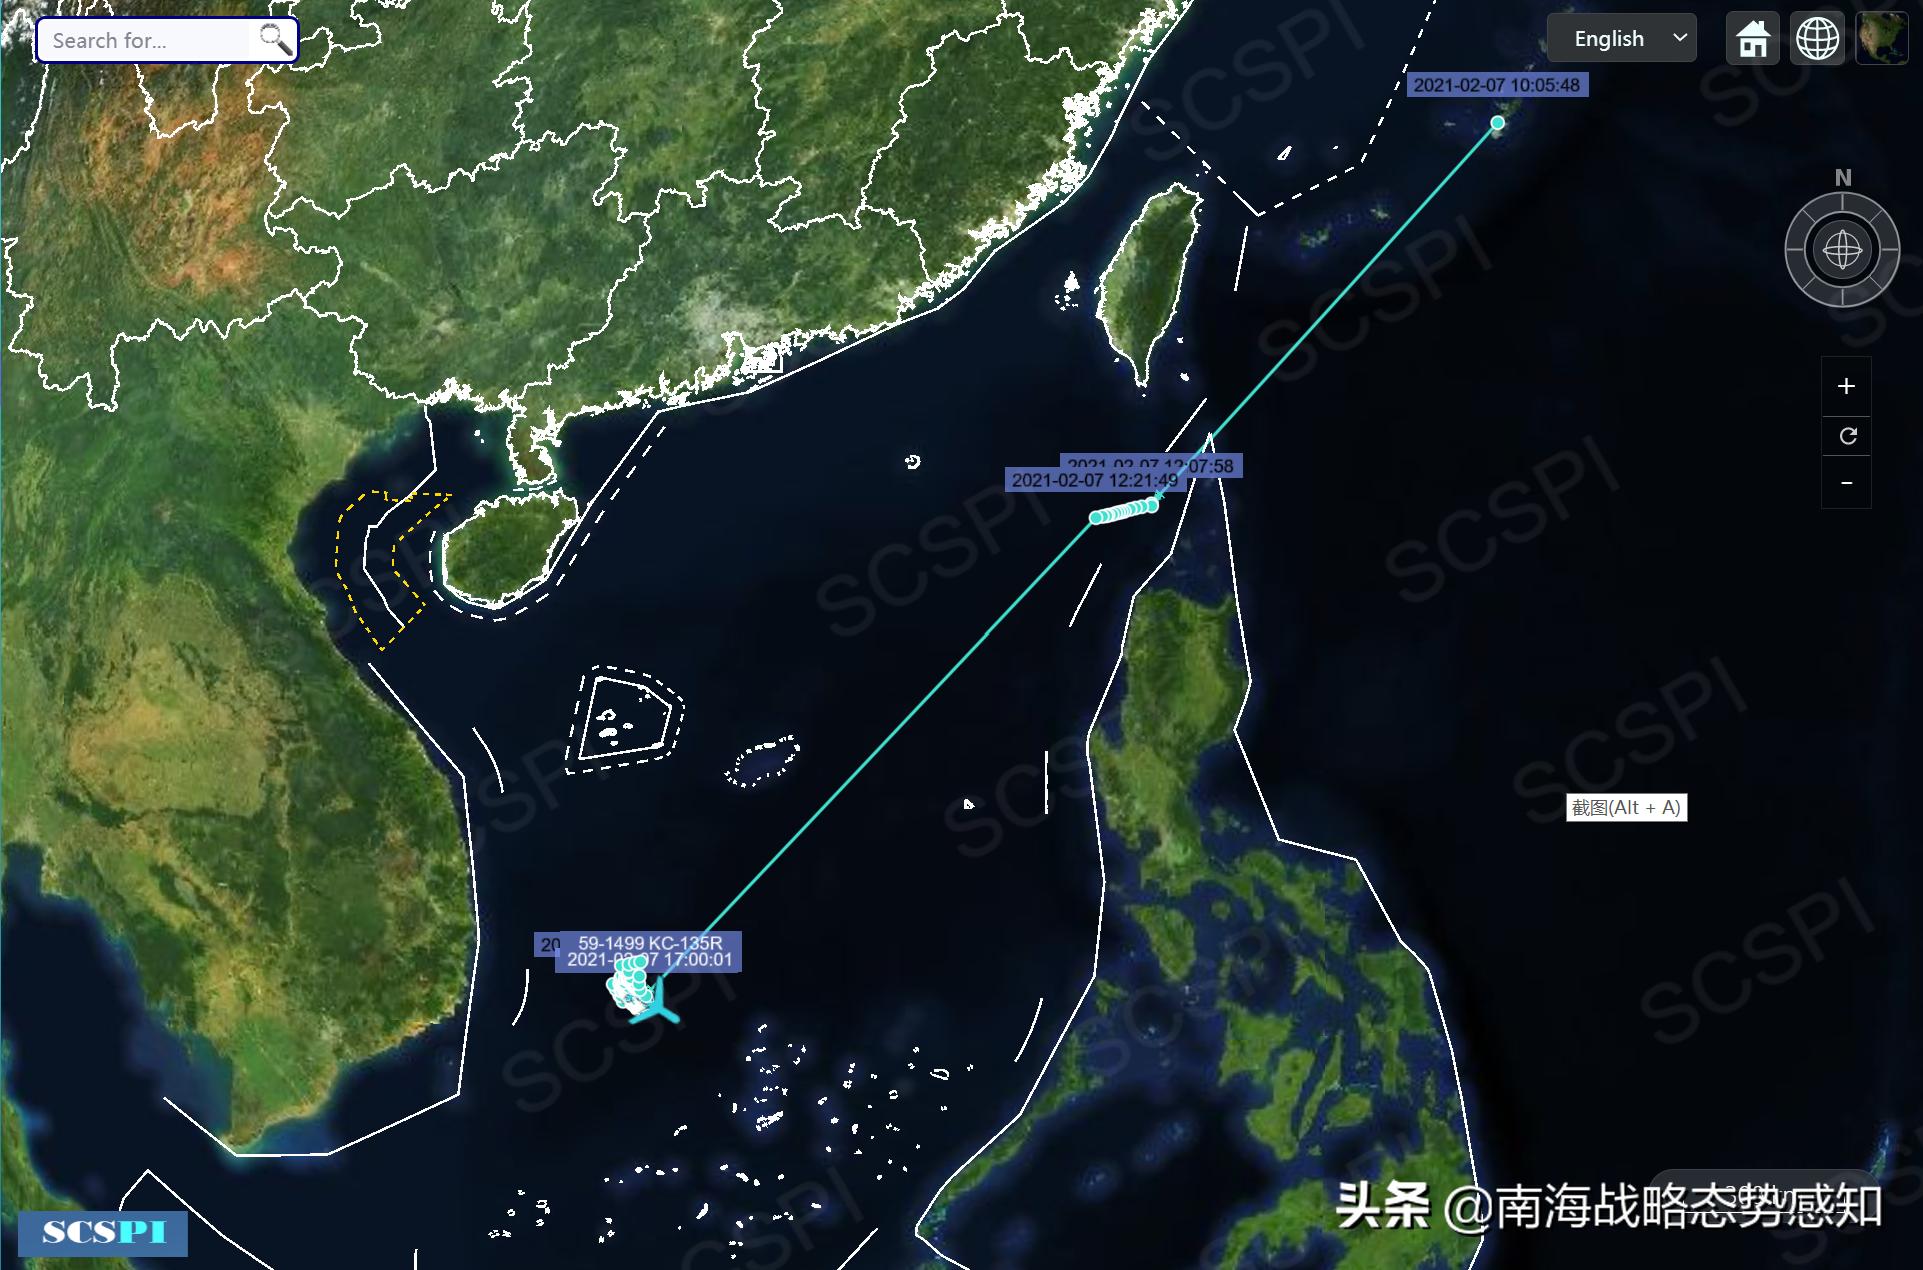 美军机现身南沙群岛以西海域,轨迹奇怪(图2)